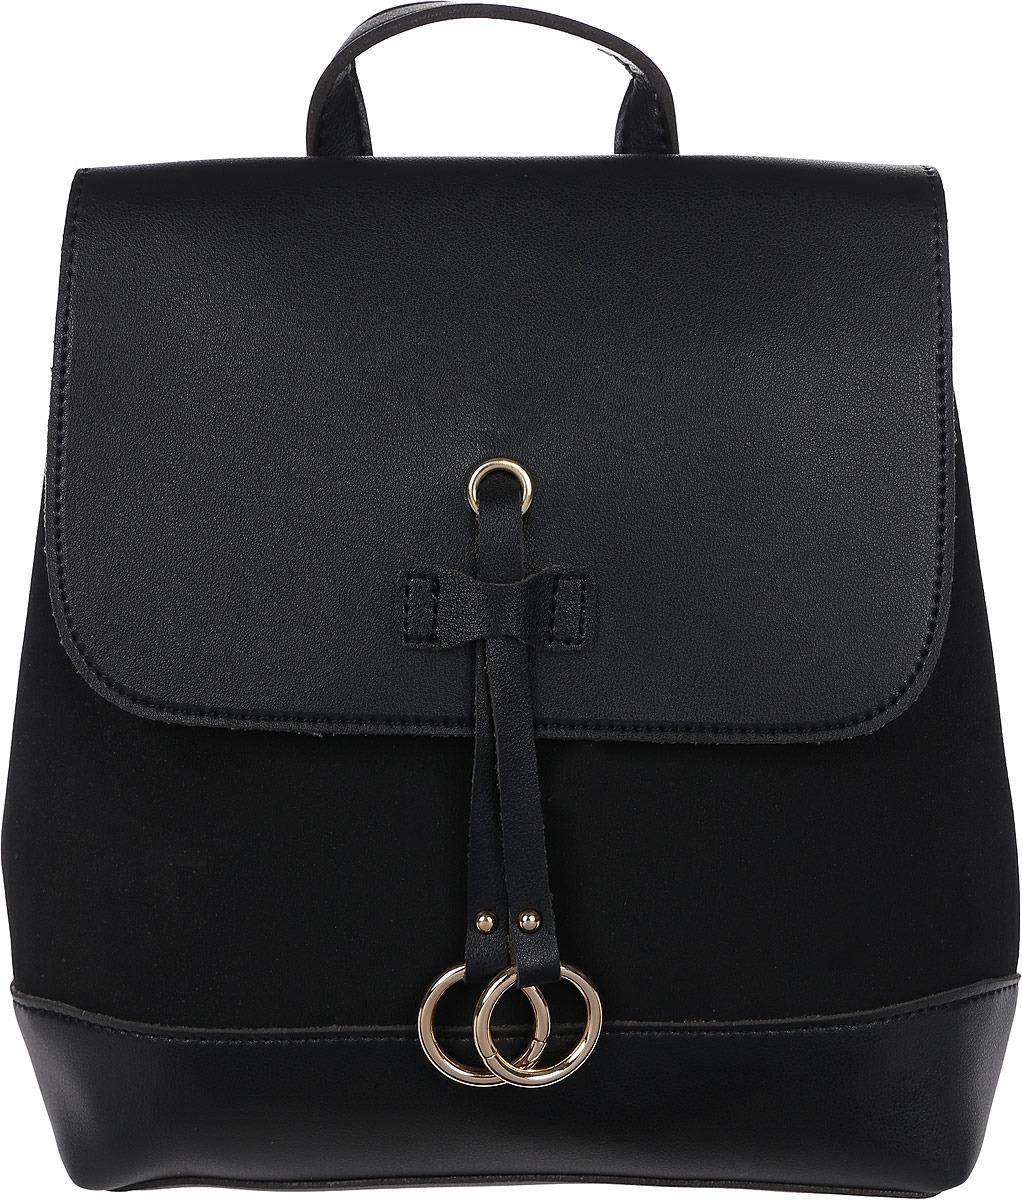 Рюкзак женский DDA, LB-1283 BK, черный рюкзак женский adidas backpack xs цвет черный dv0212